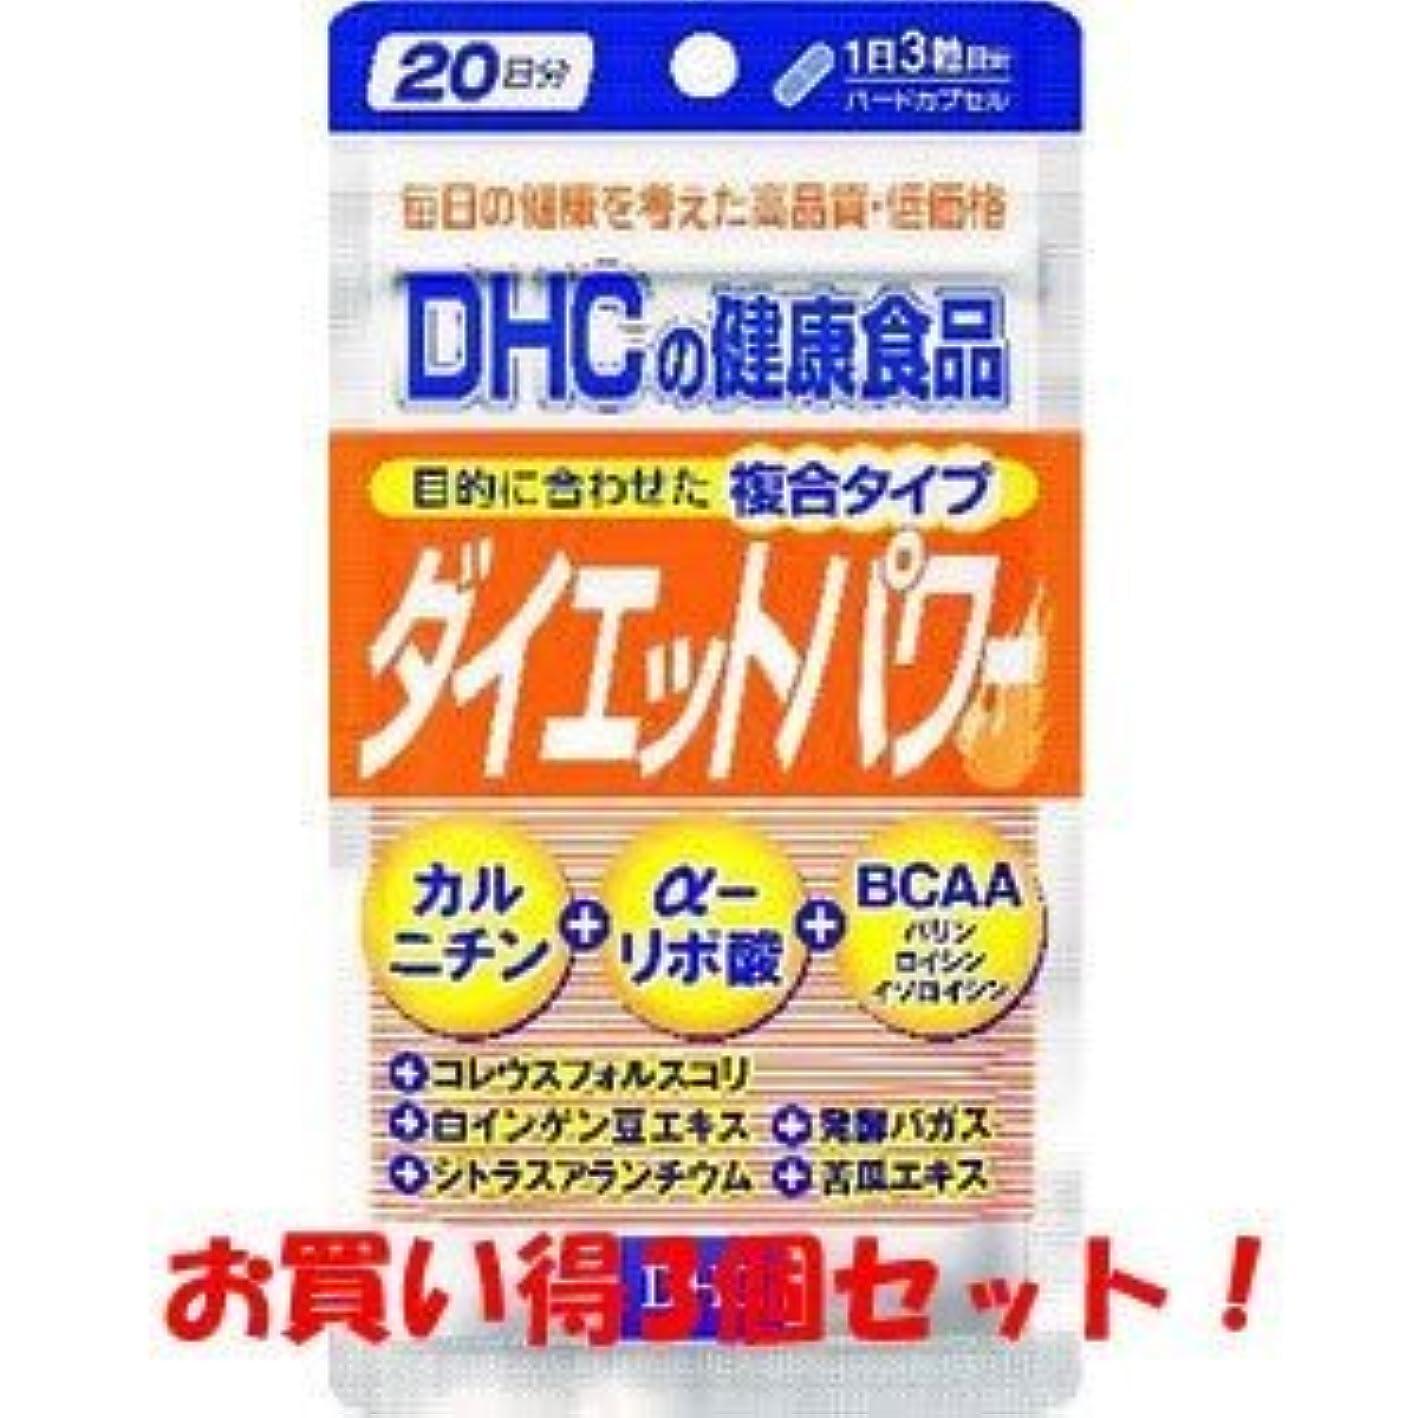 保持コアサイトDHC ダイエットパワー20日分 60粒(お買い得3個セット)